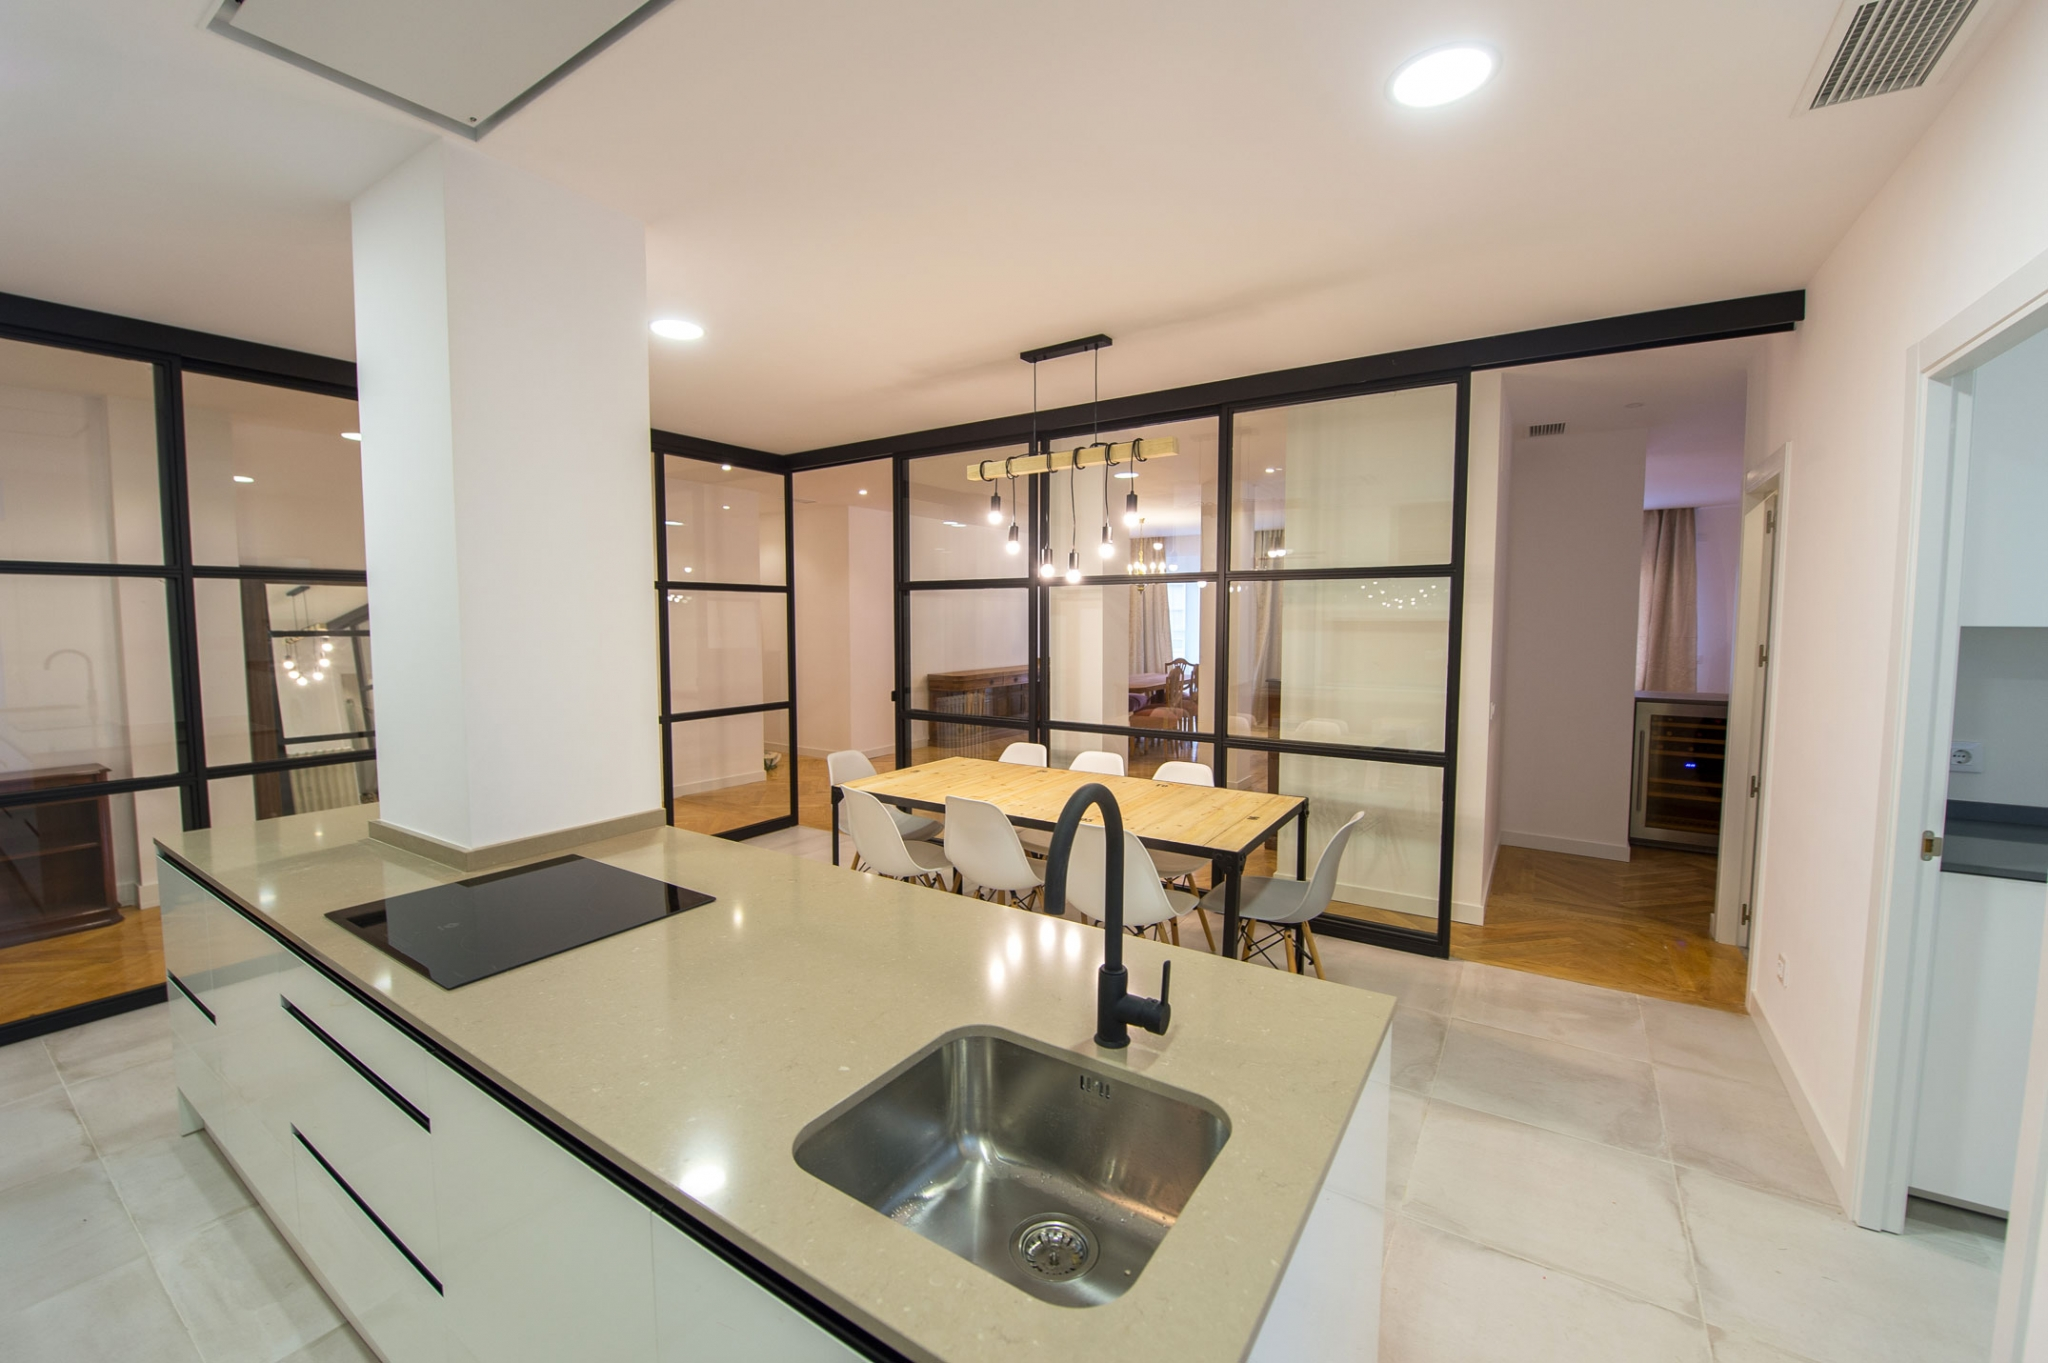 Cocina con isla en calle Conde de Cartagena en Madrid